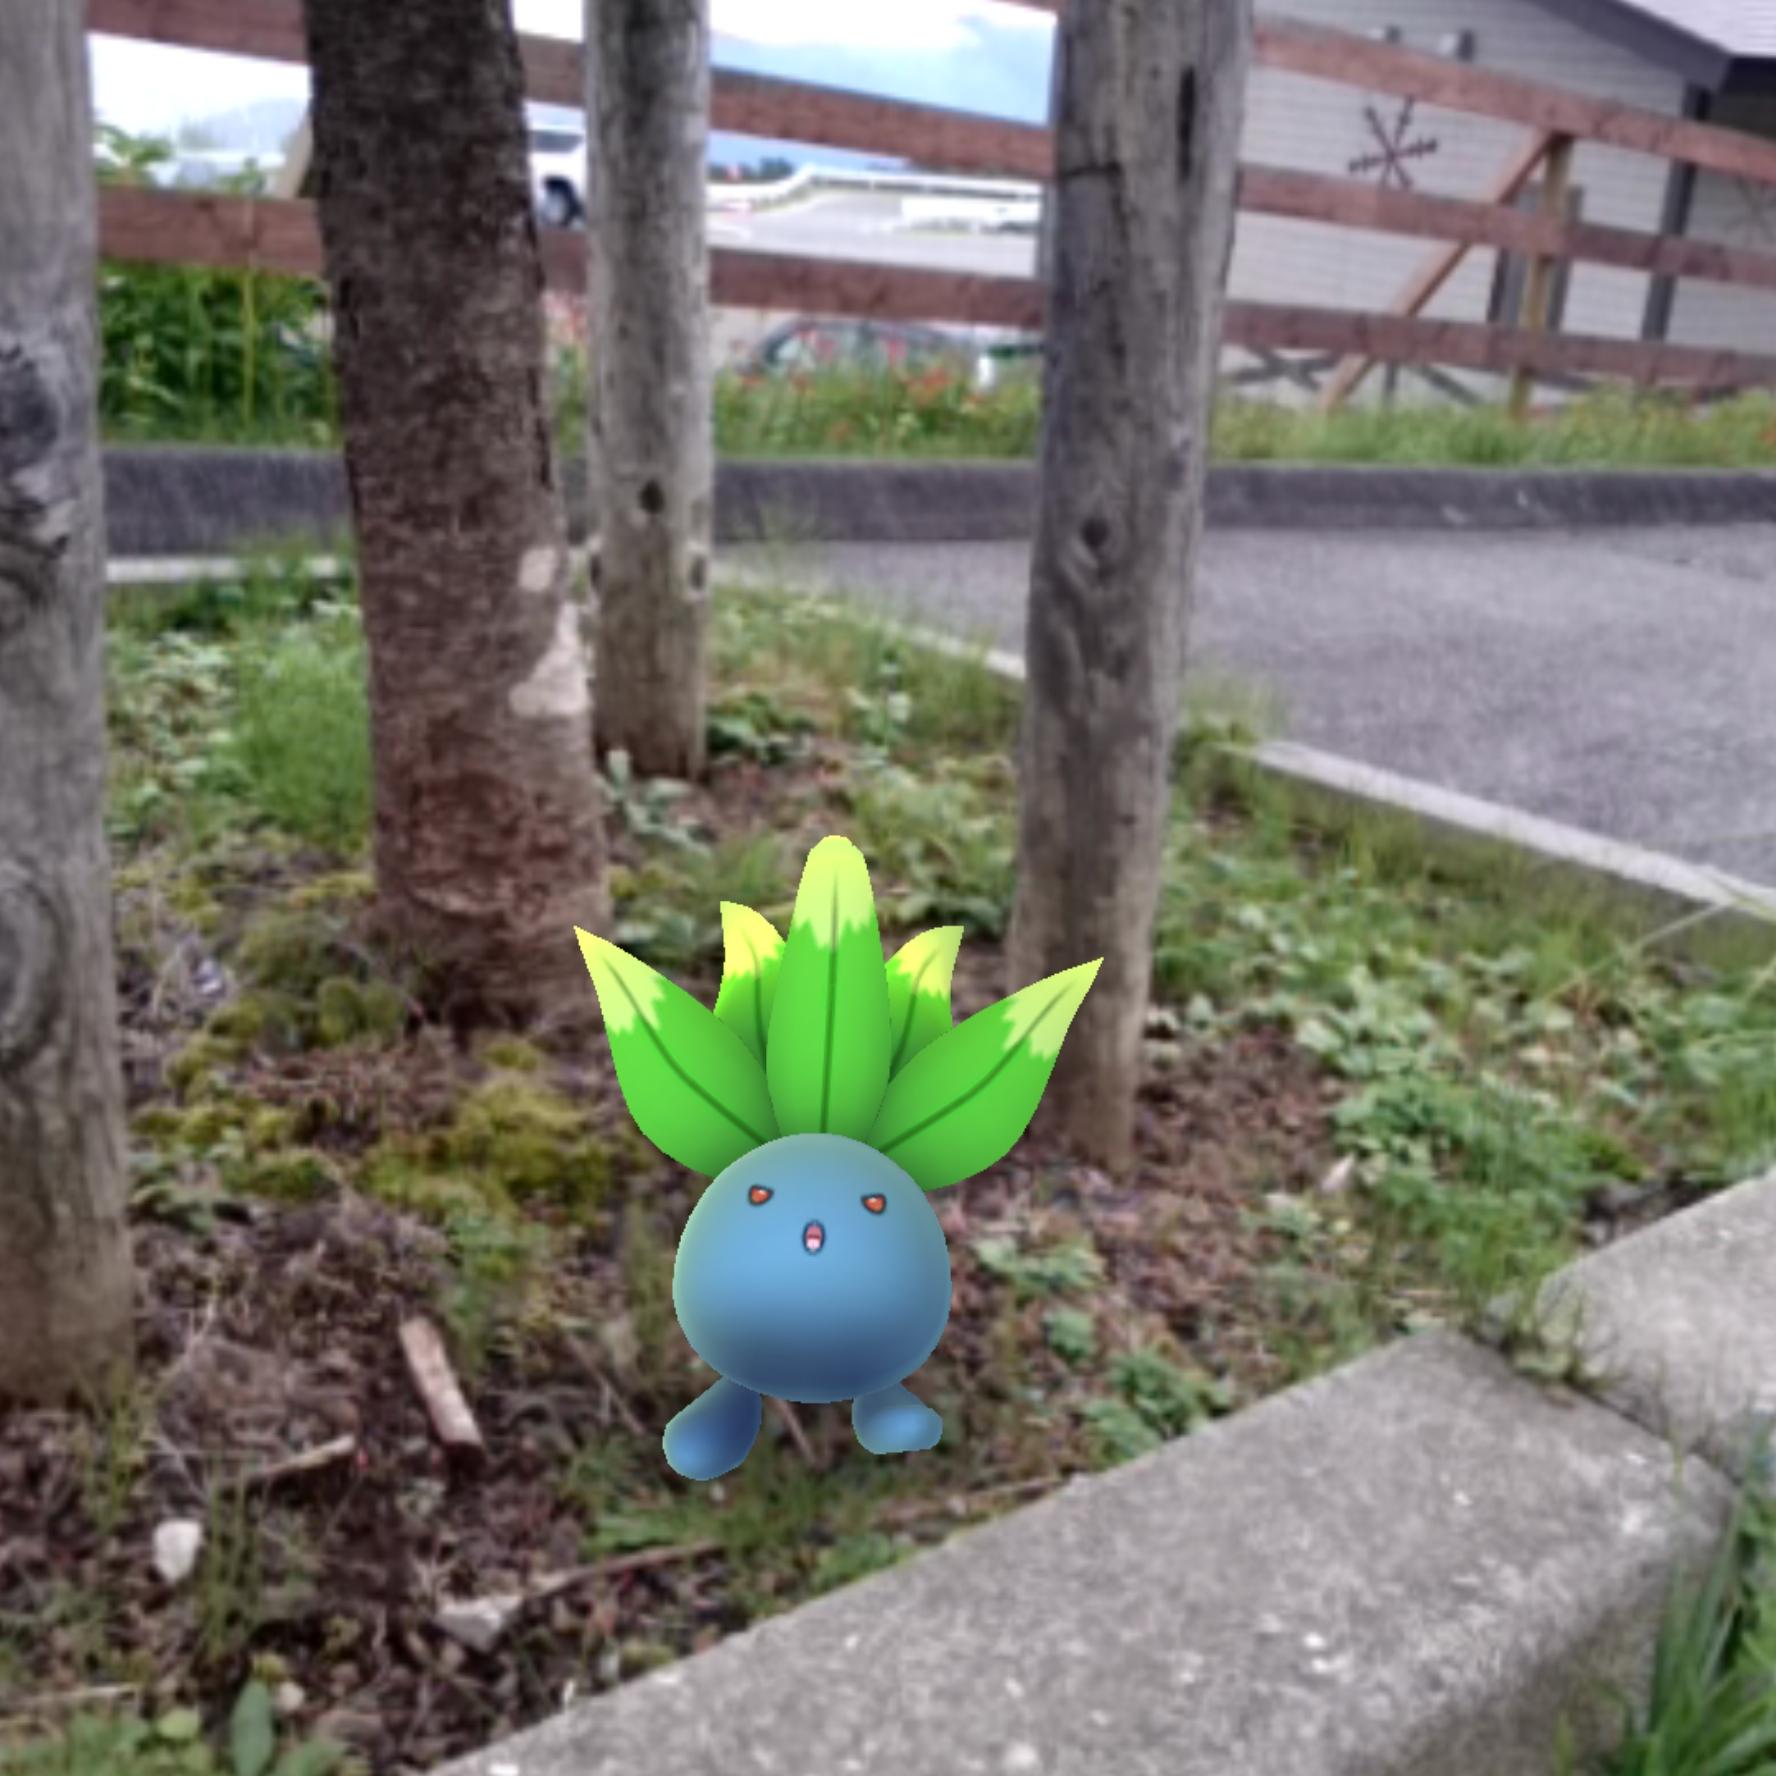 f:id:shinobu11:20161013134050j:plain